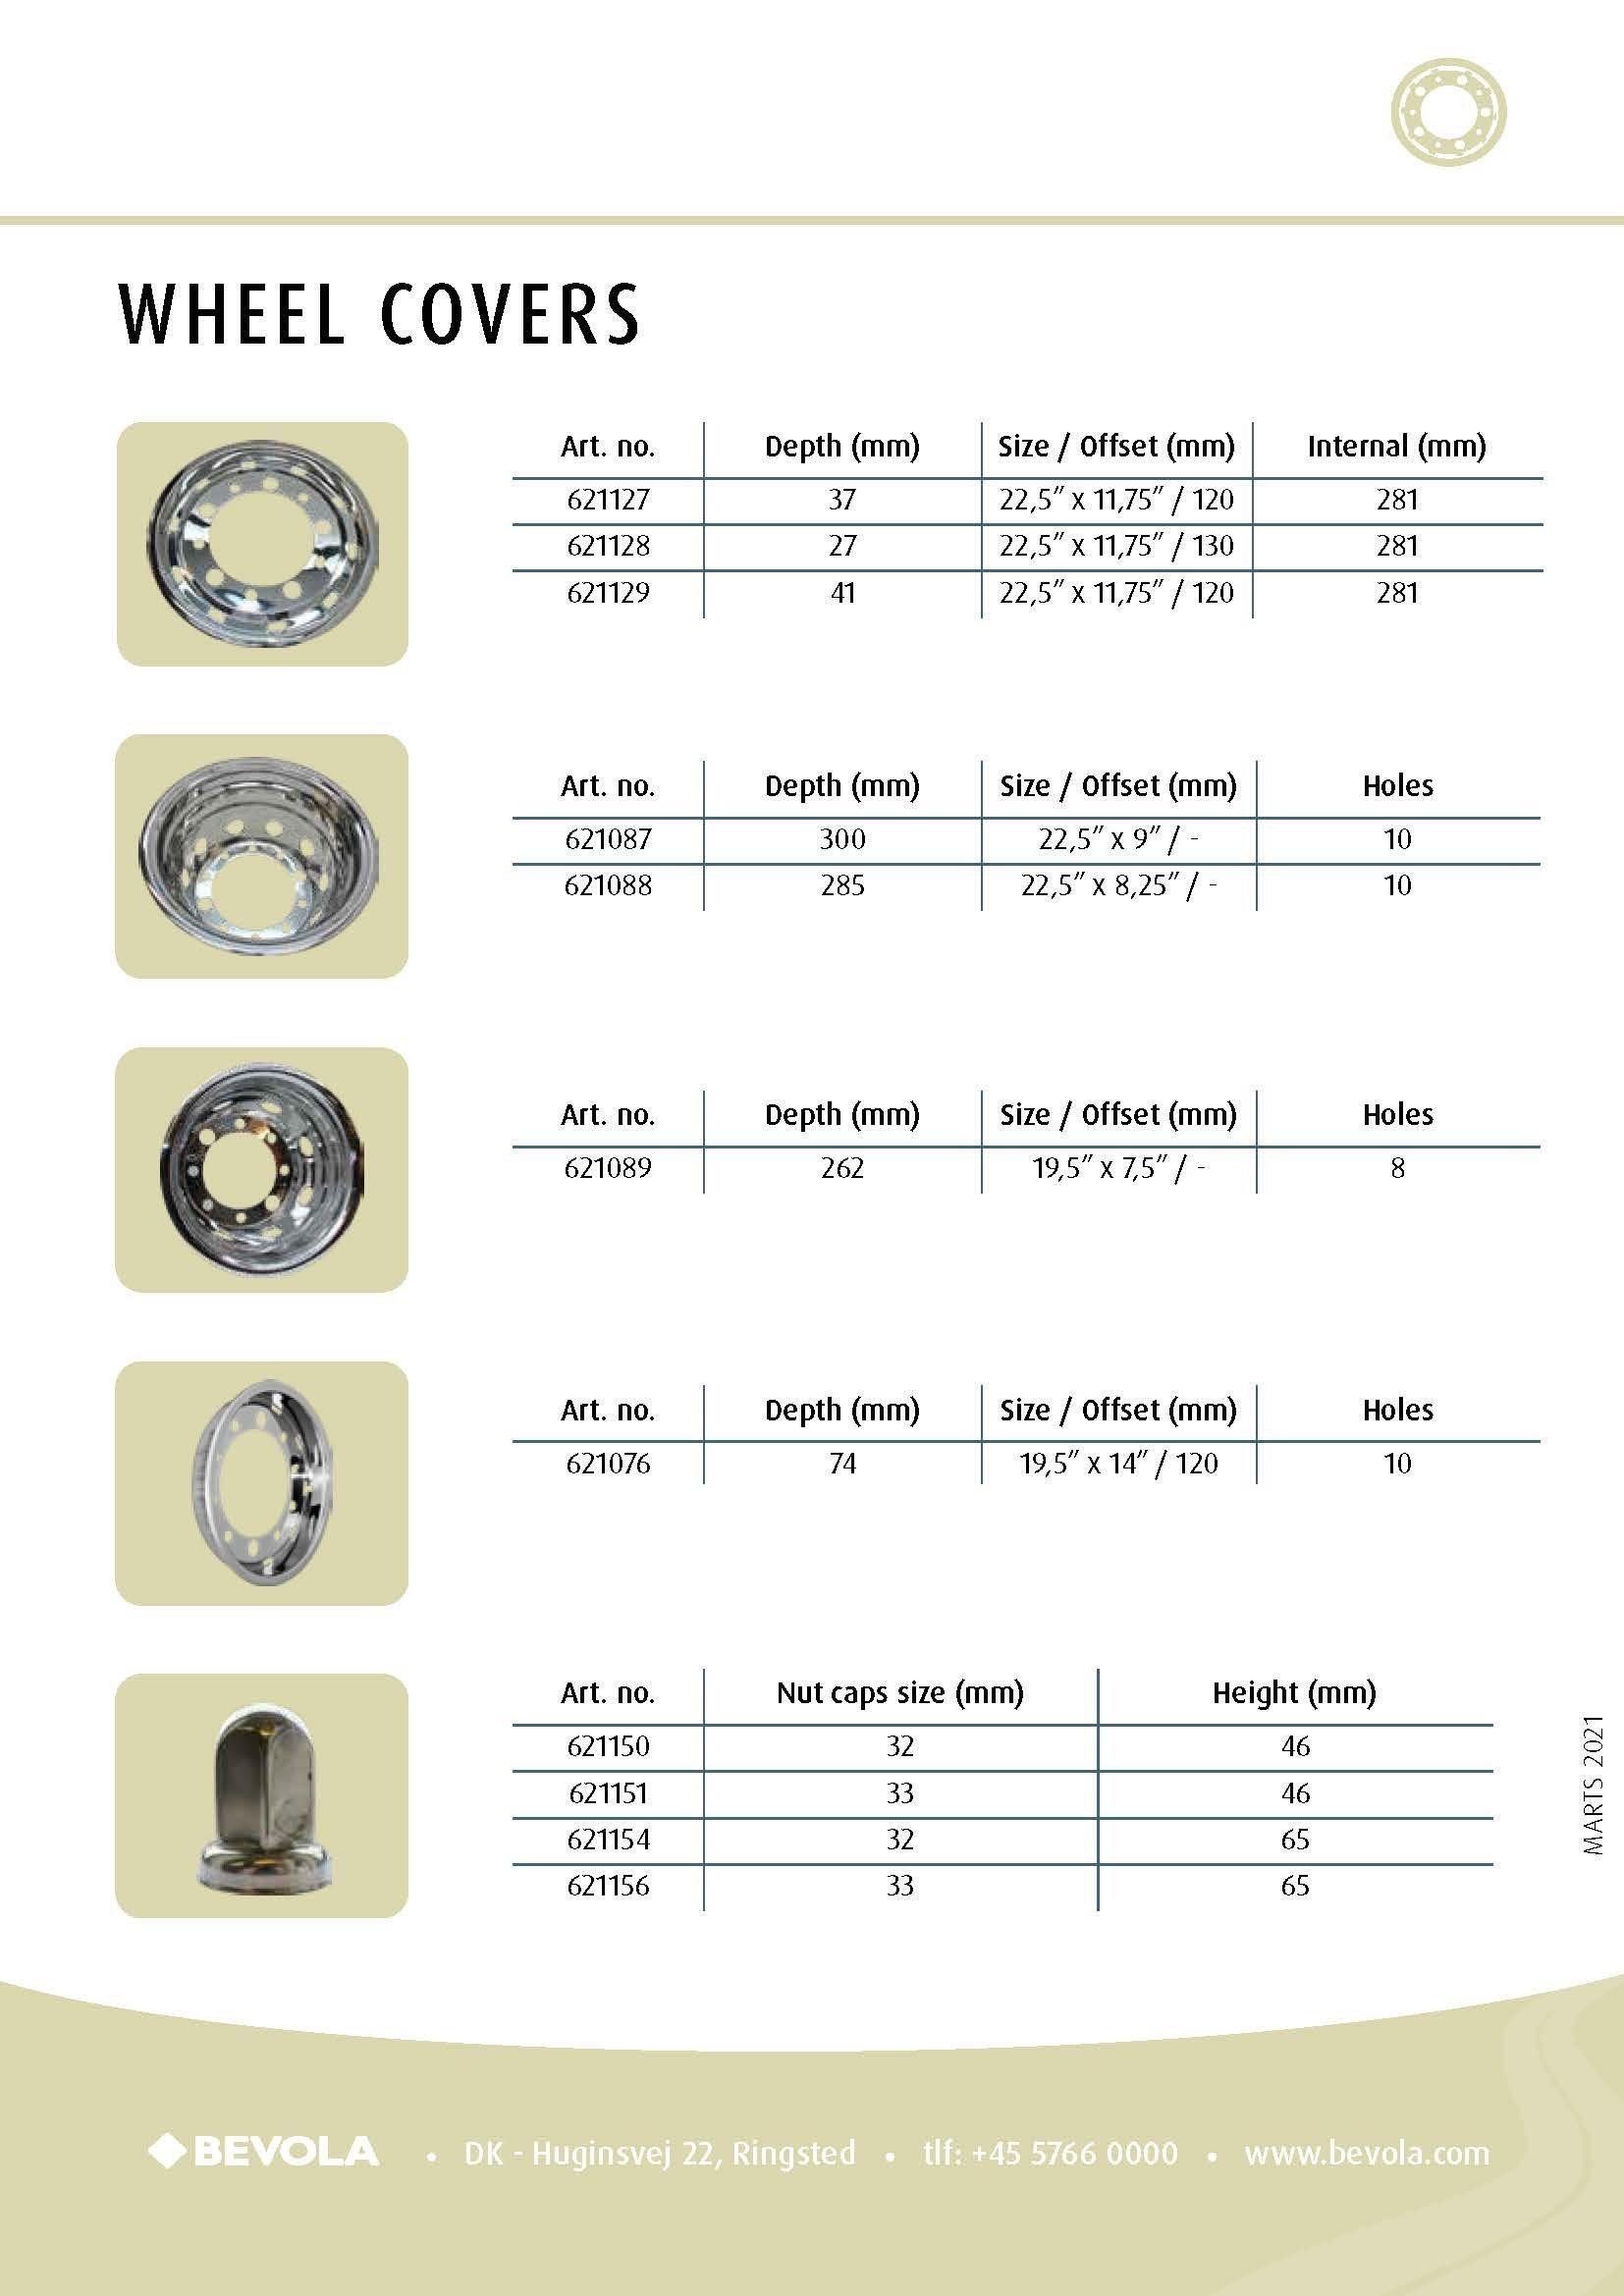 Bestsellers Wheel Covers